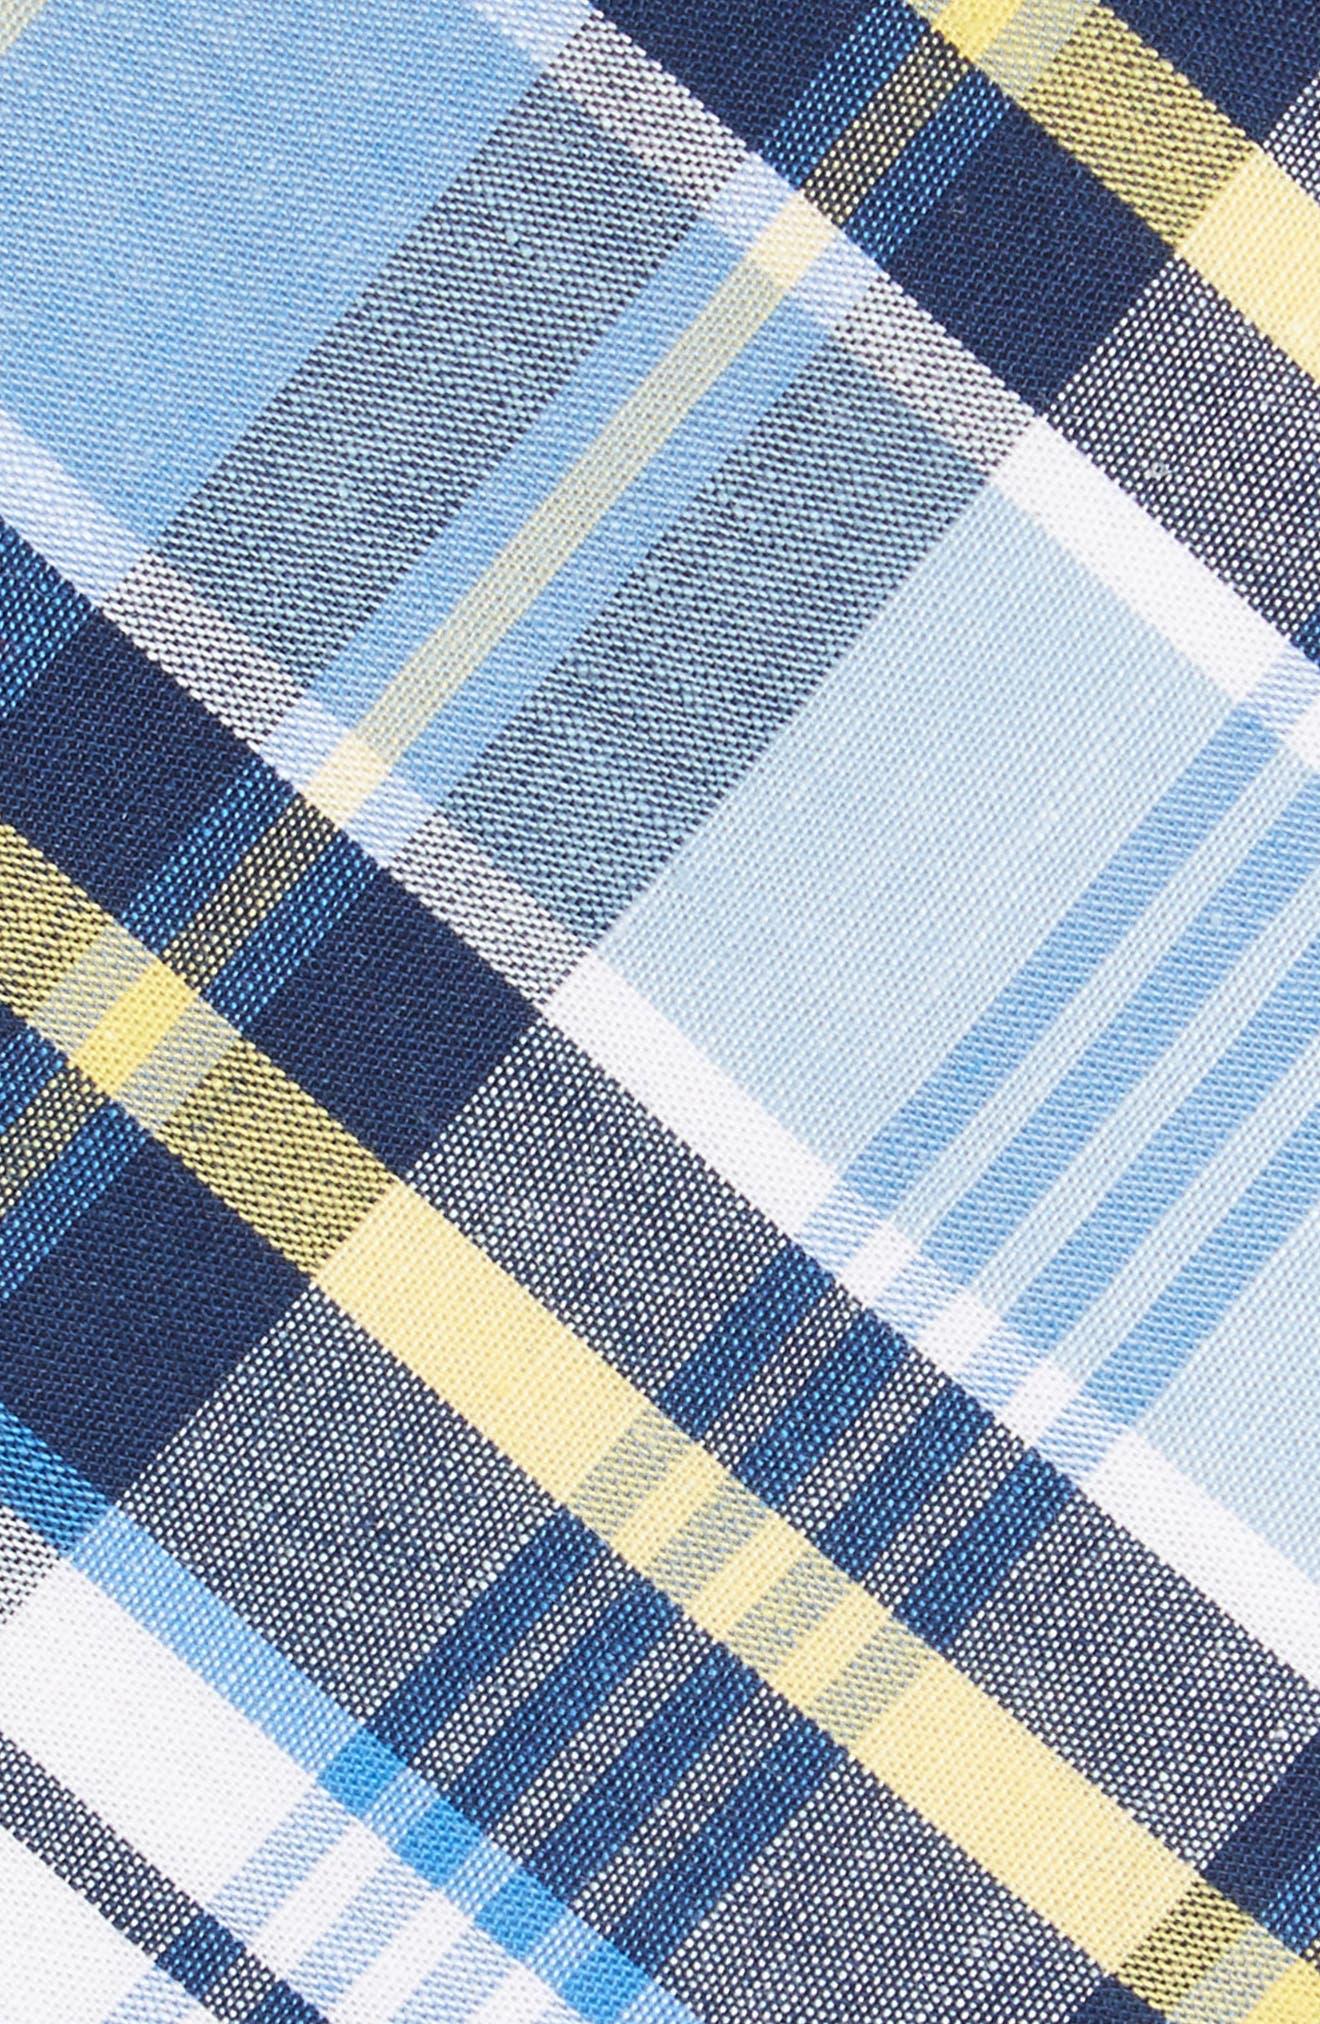 Sean Plaid Cotton Tie,                             Alternate thumbnail 2, color,                             Blue